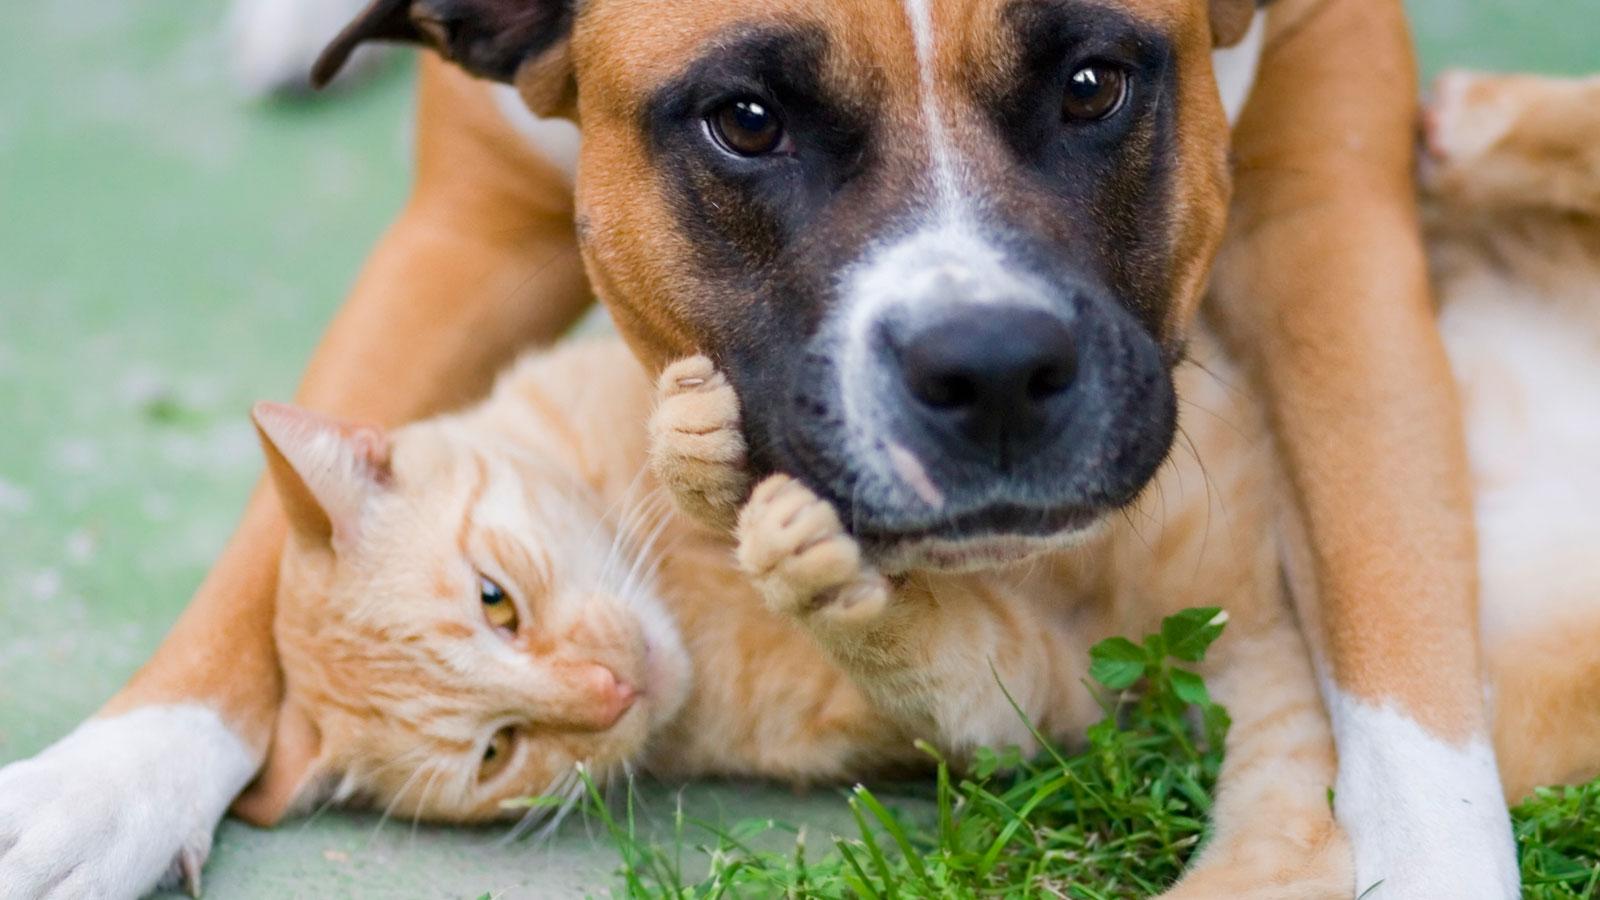 Schönes Tierfoto von Hund und Katze.